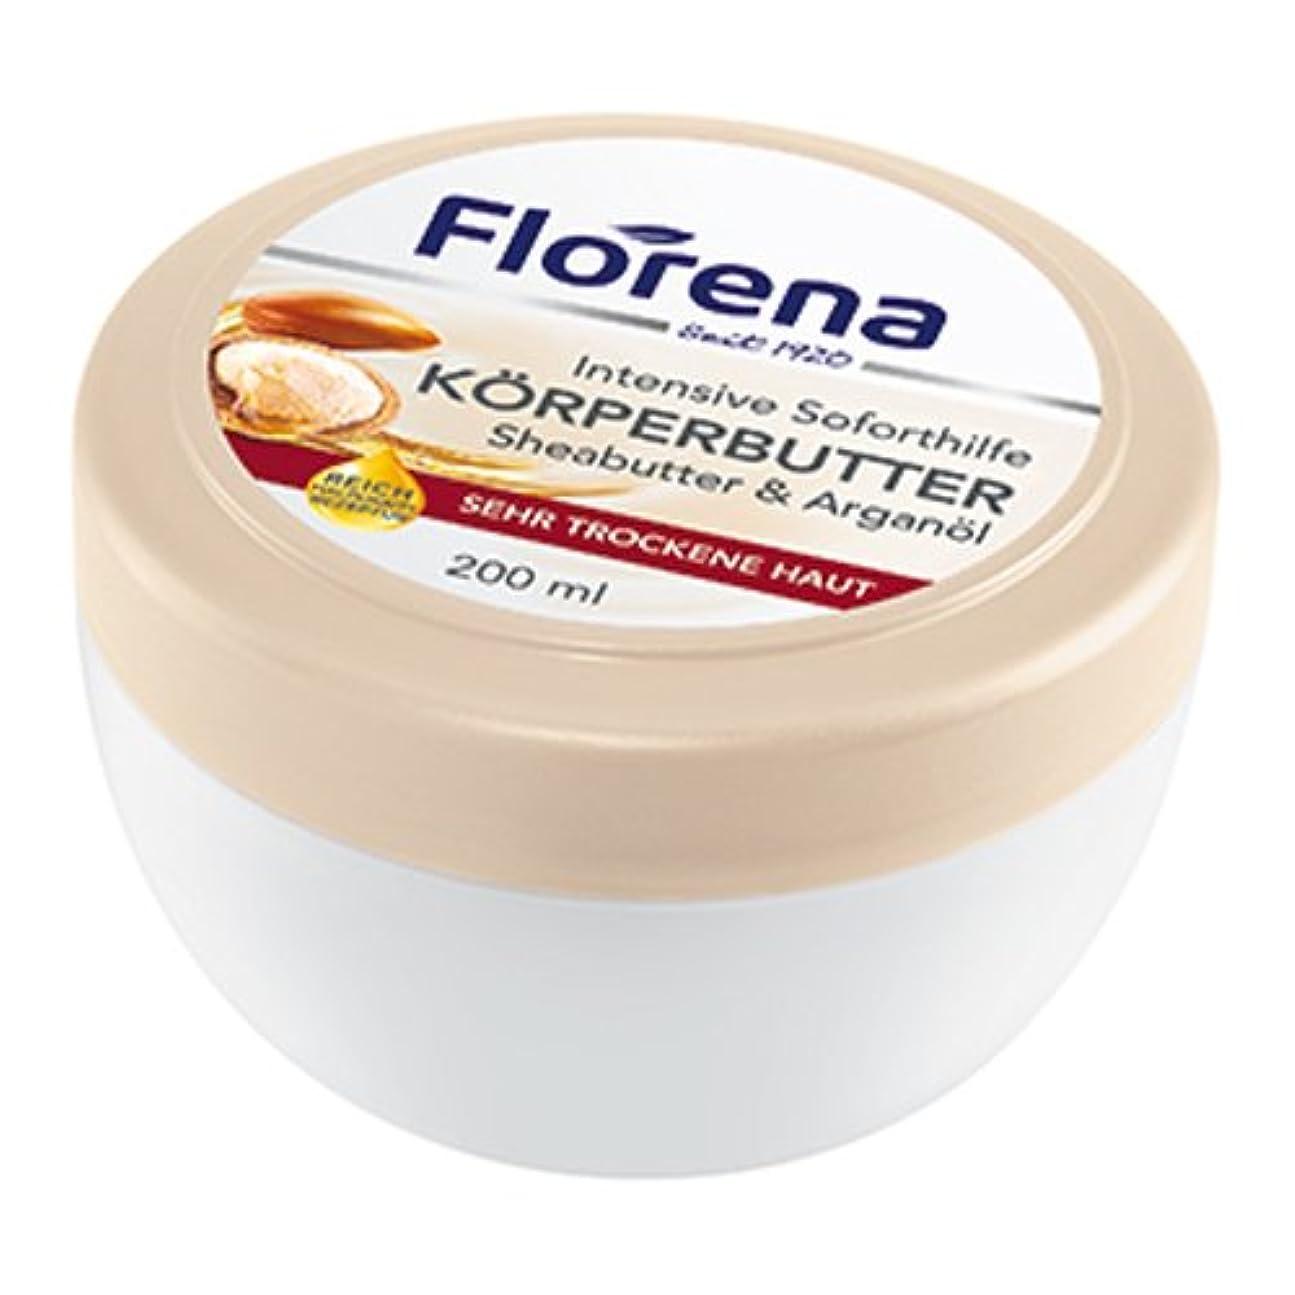 胃困った紛争フロレナ フロレナ ボディバター 200ml